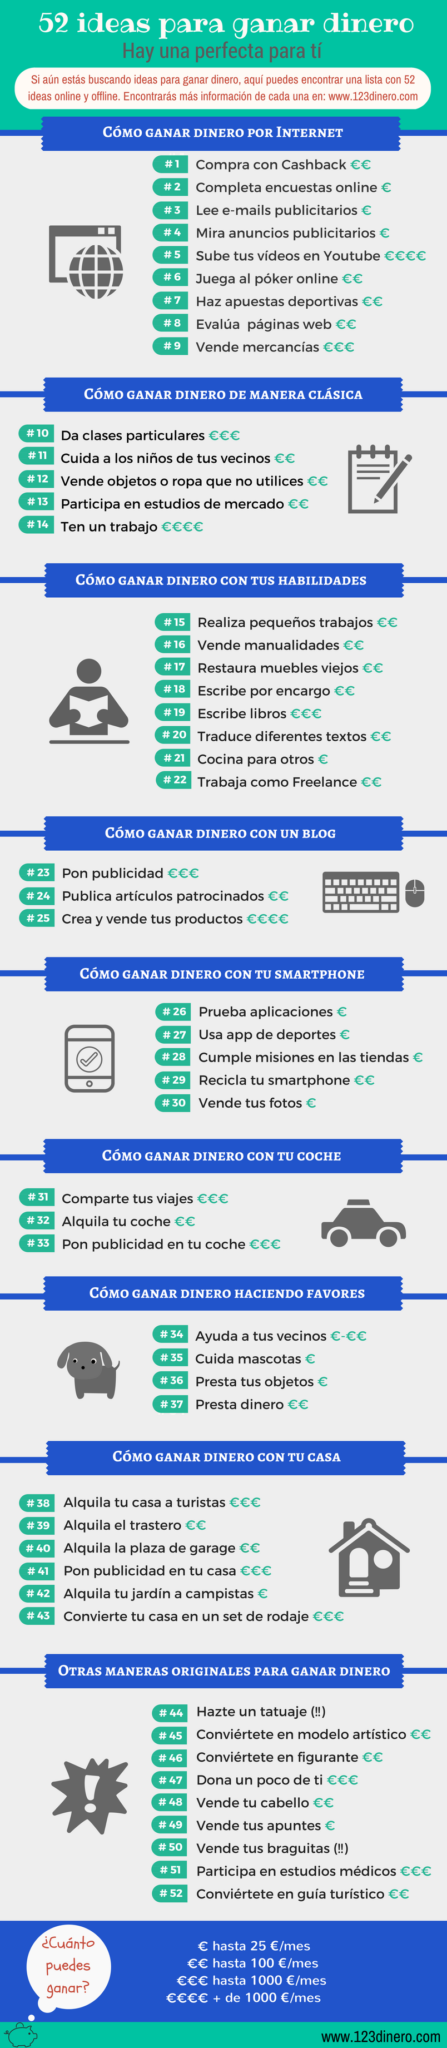 infografia-como-ganar-dinero